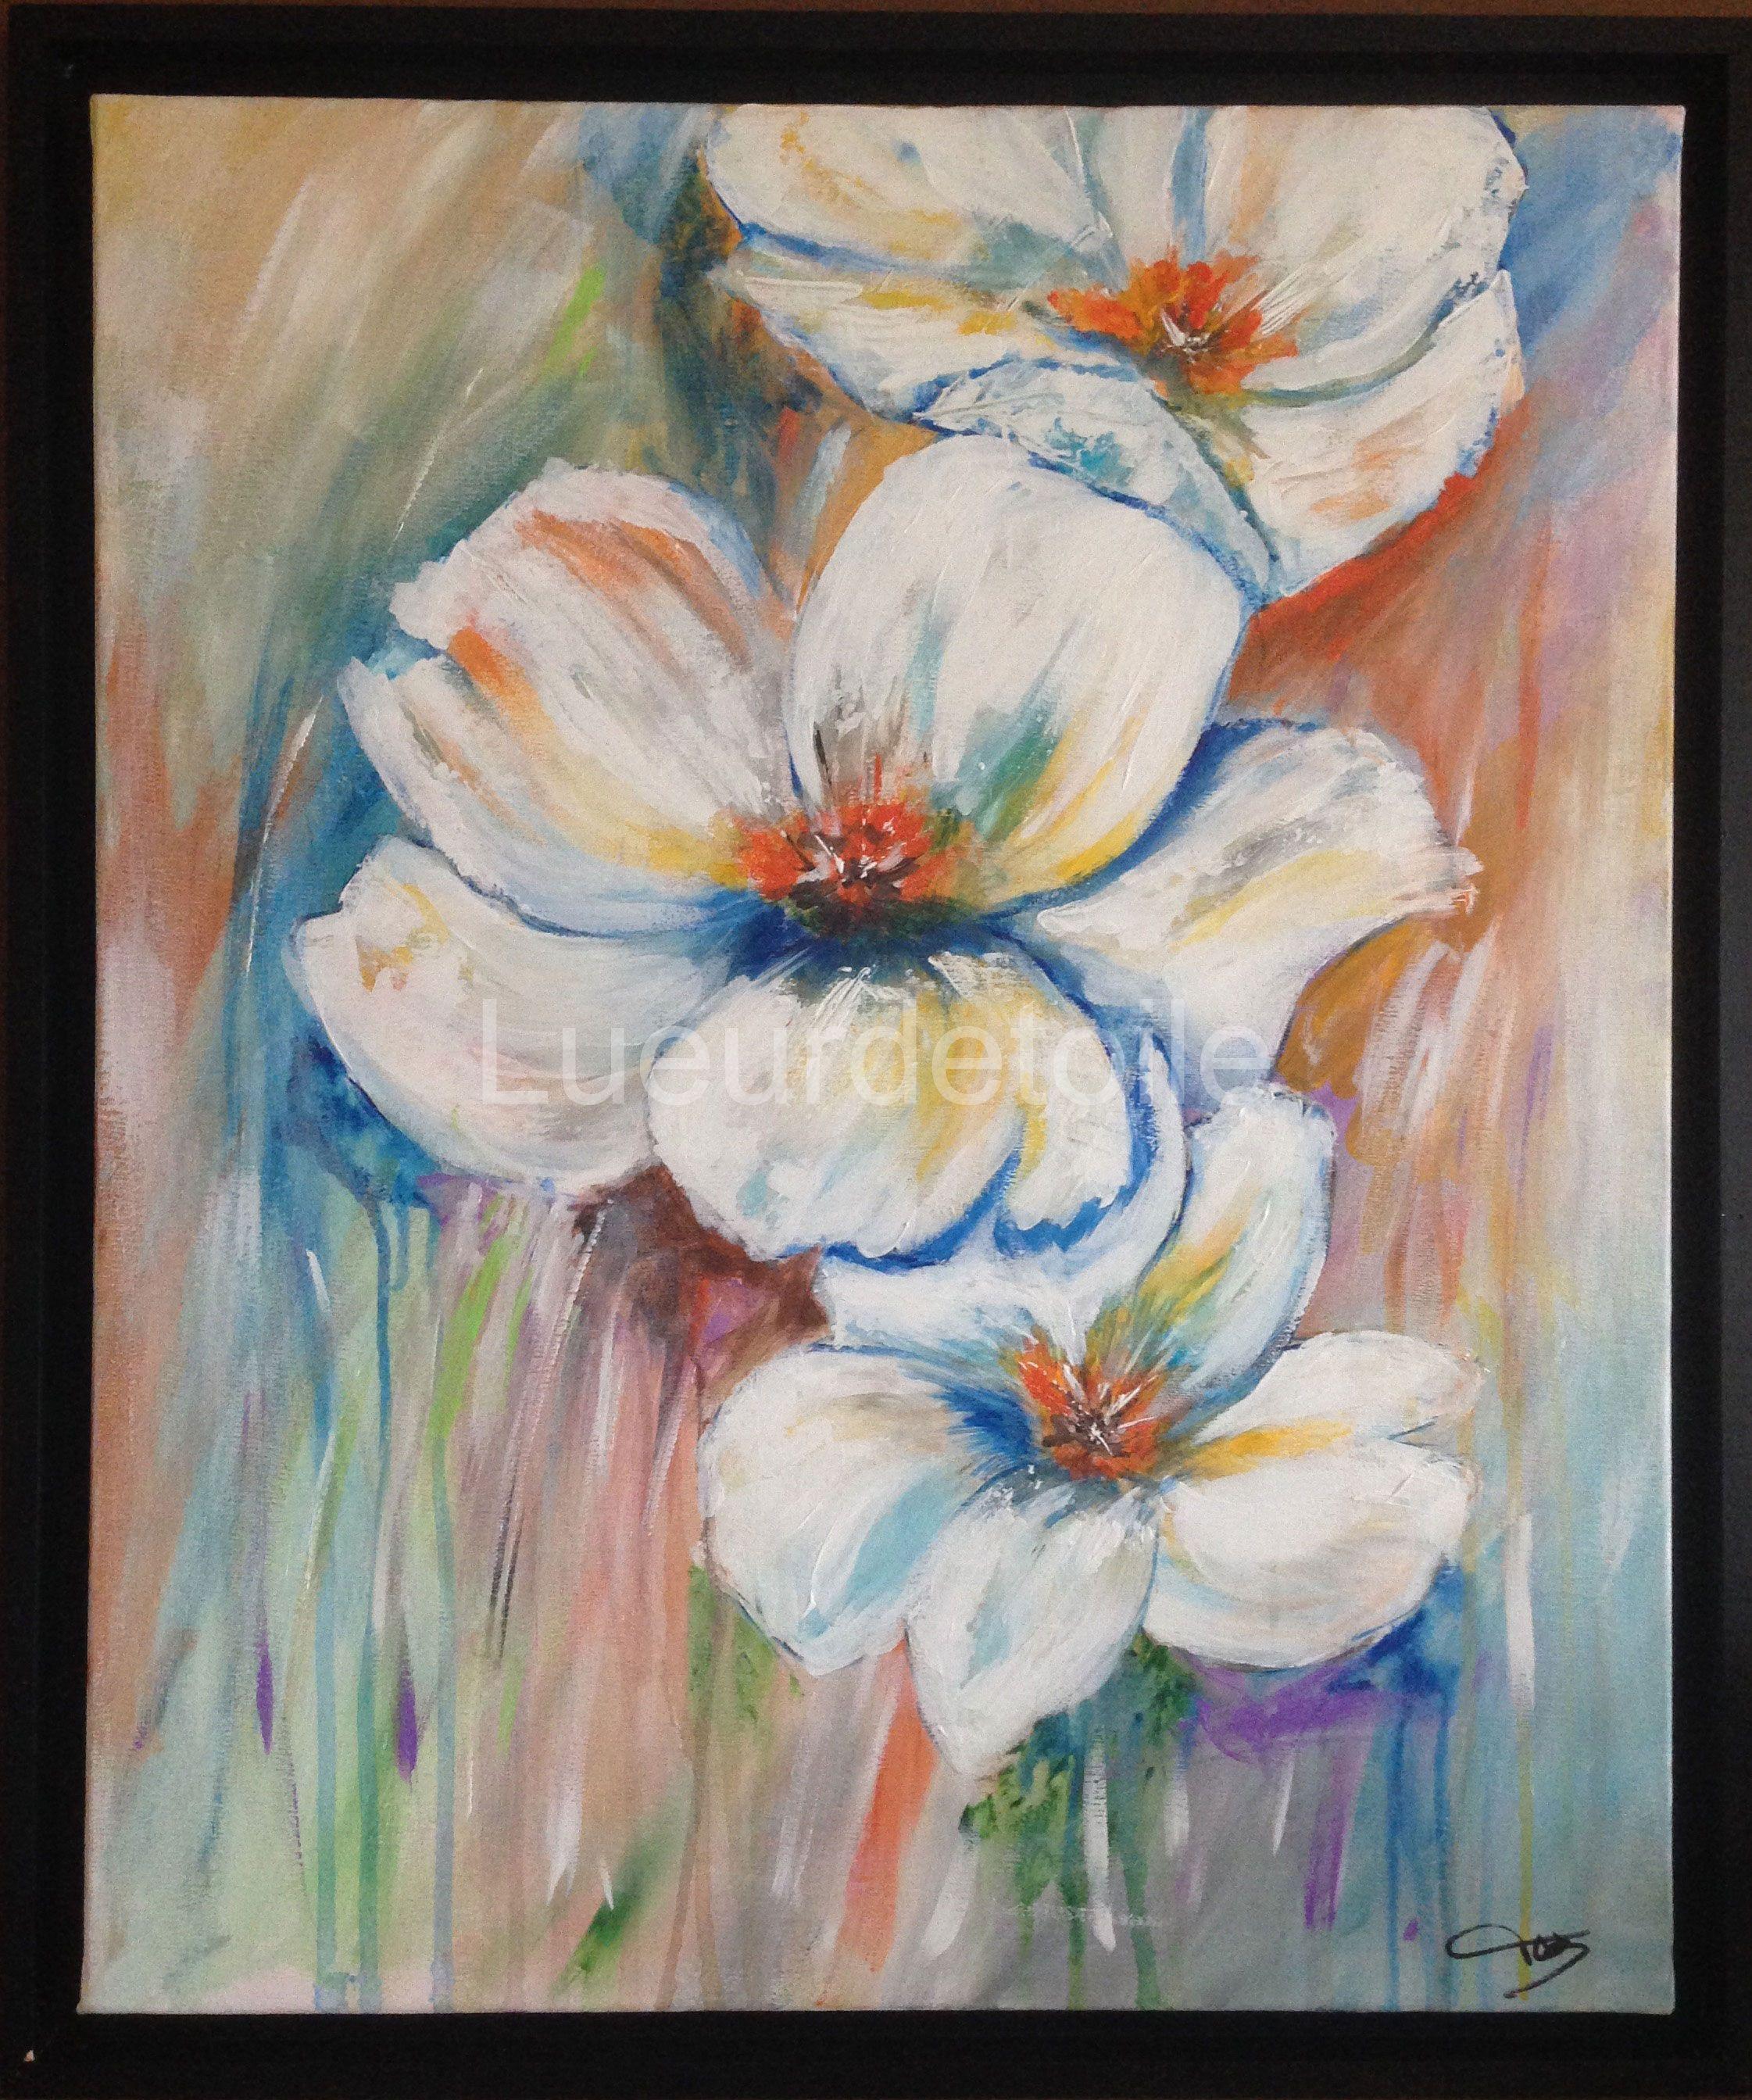 Exceptionnel Peinture contemporaine à l'acrylique Fleur 2015 - Tableau n°49  WI79